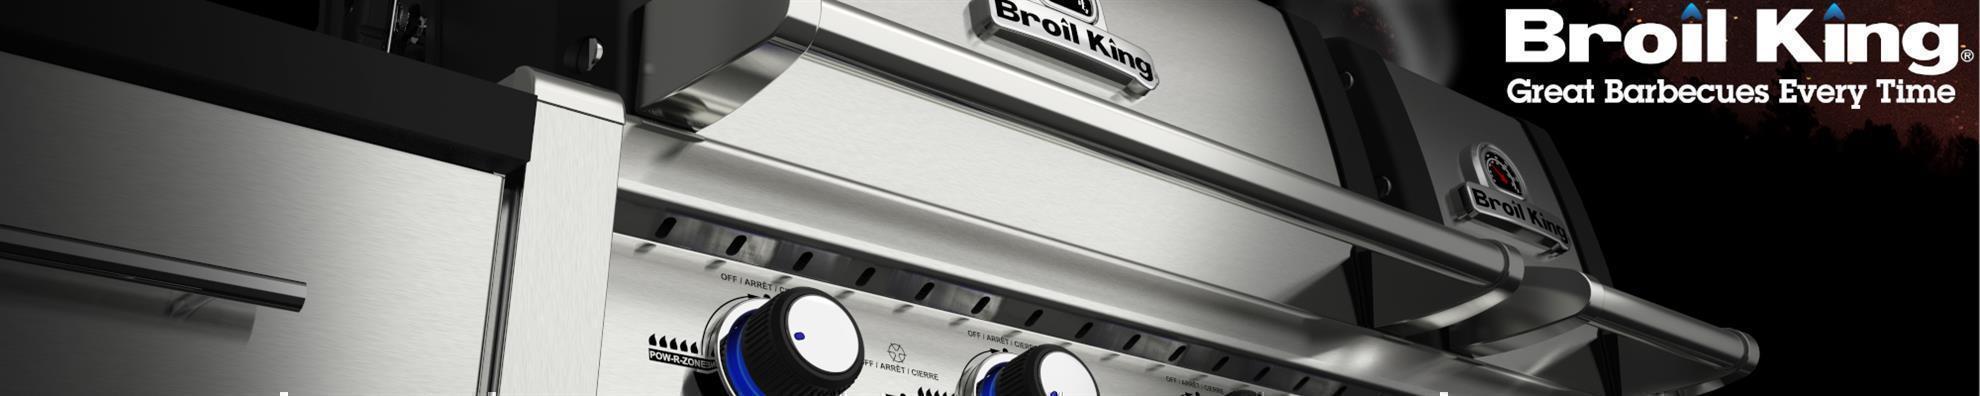 Broil King - SCHUTZHÜLLE 600ER BUILT-IN